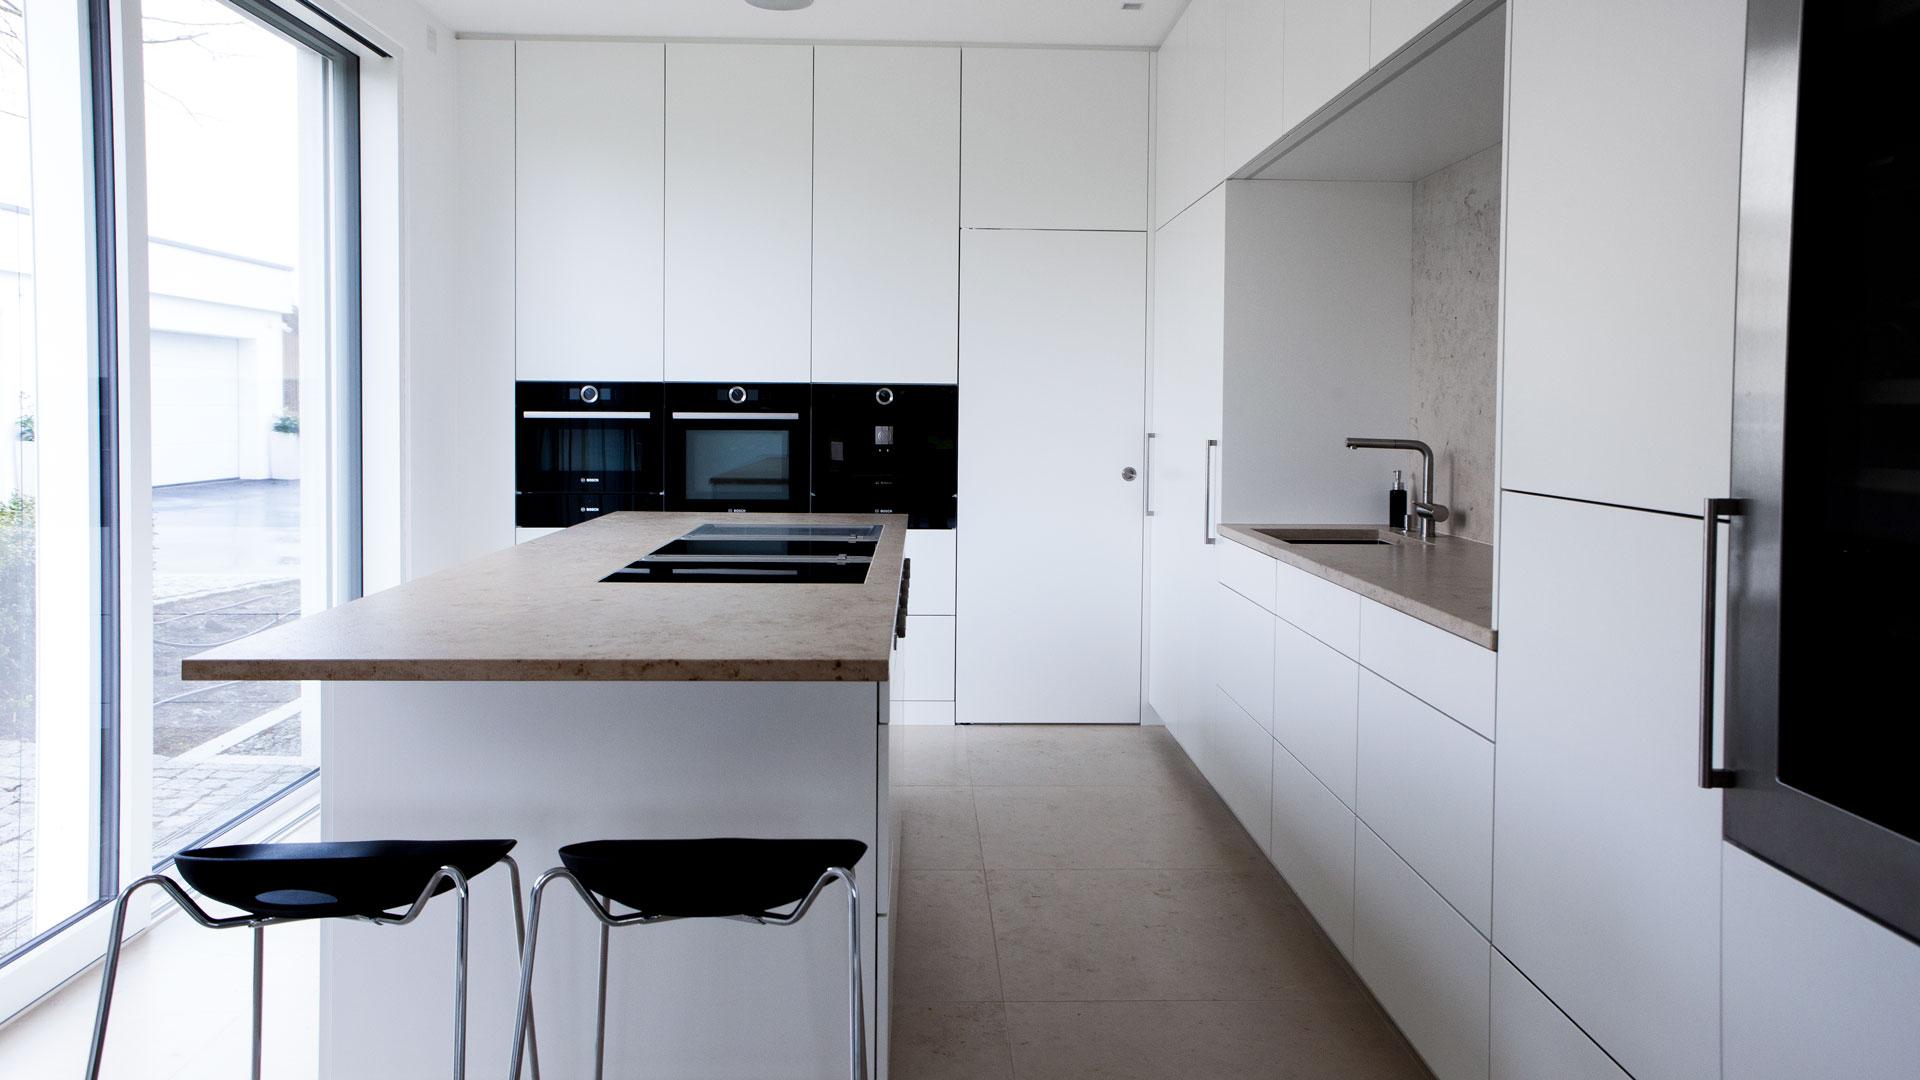 beste k che mit granitarbeitsplatte fotos die besten wohnideen. Black Bedroom Furniture Sets. Home Design Ideas